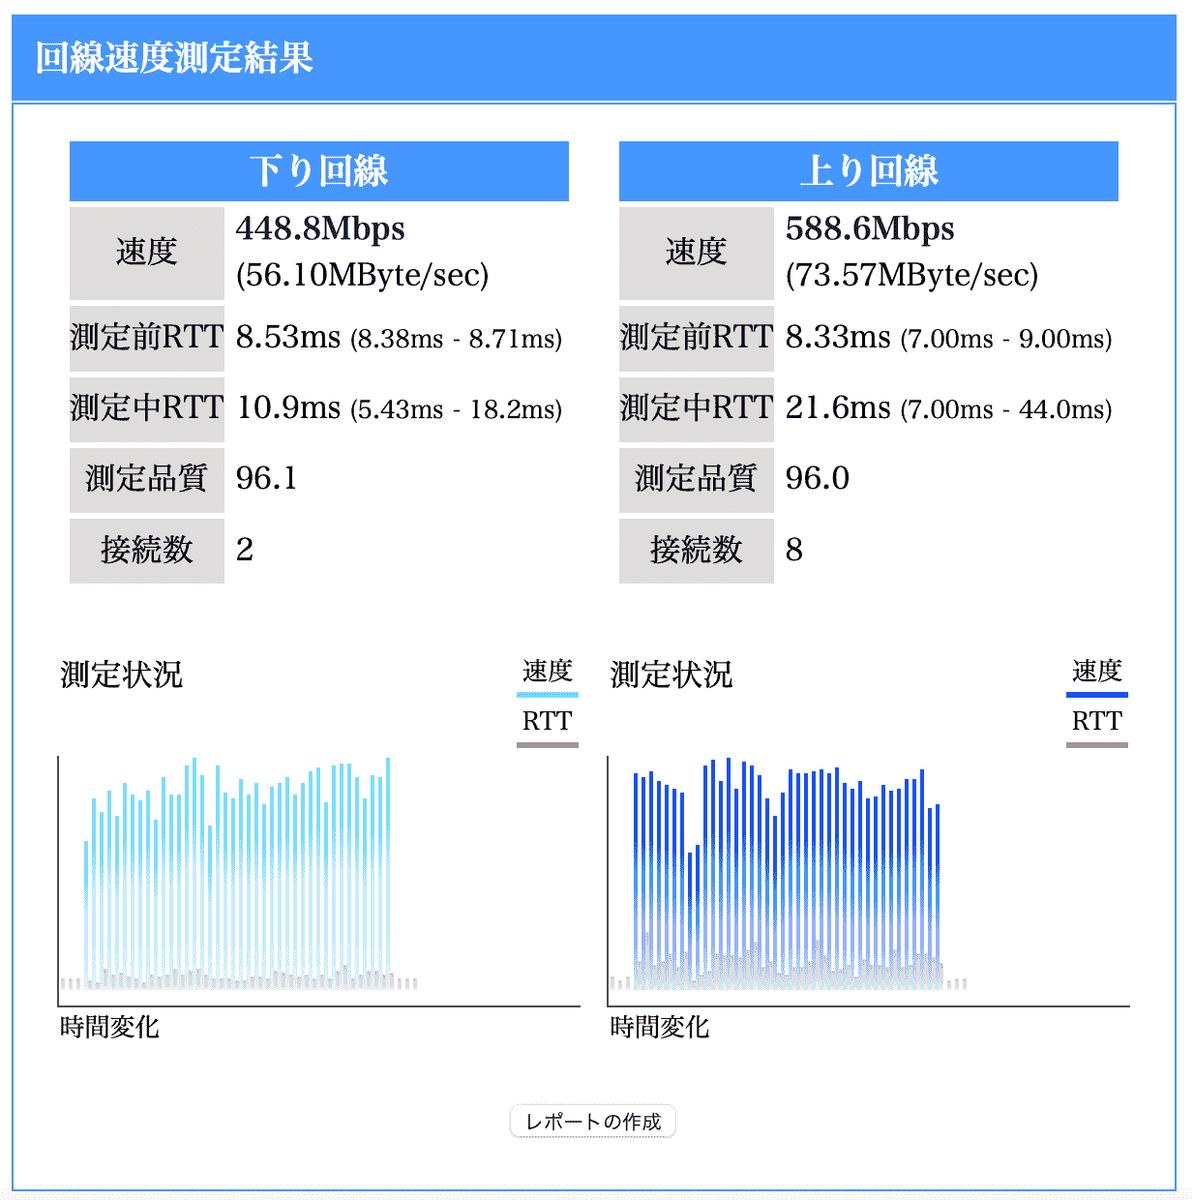 新Wifi実効速度